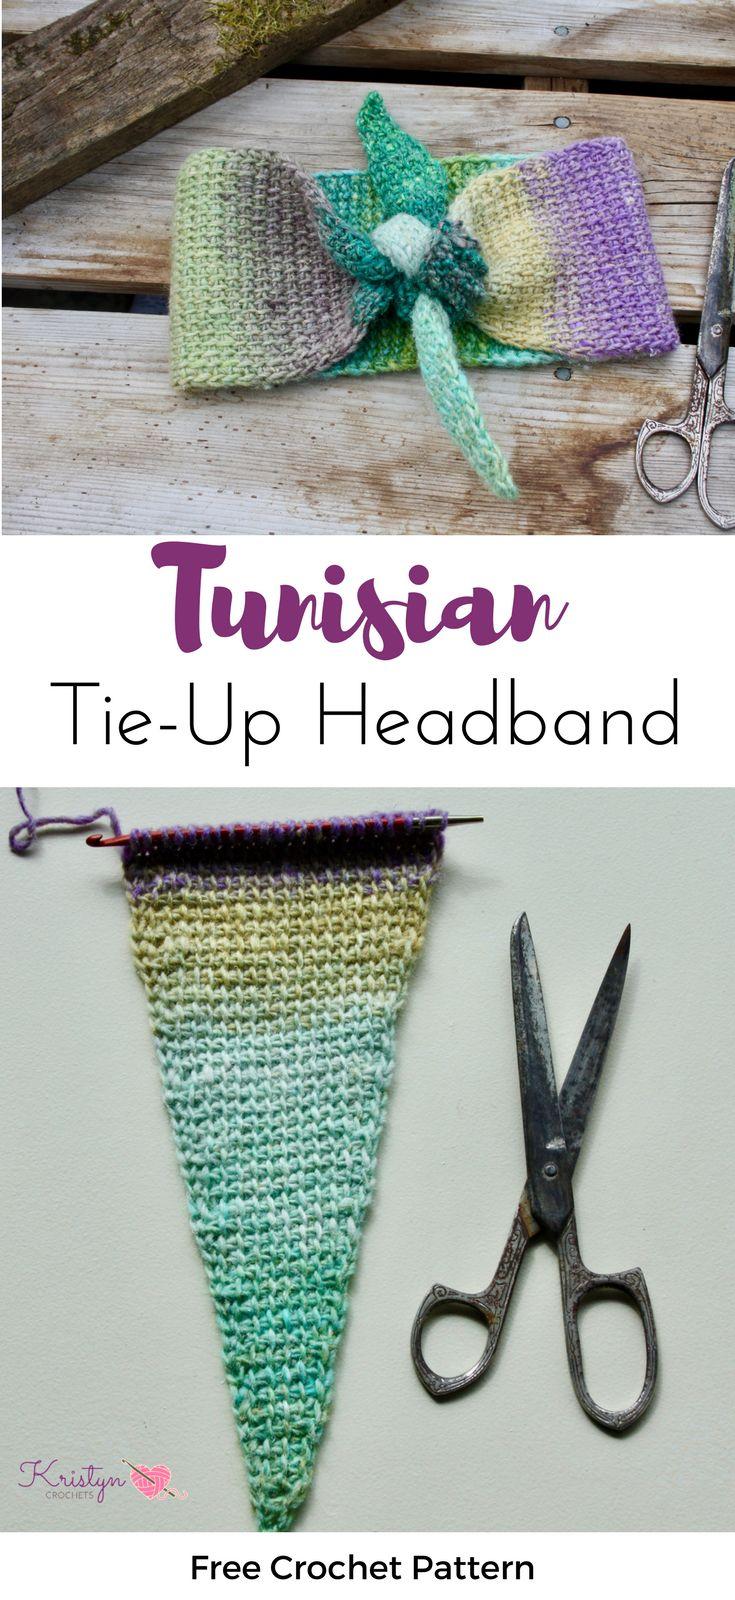 75 best Tunisian crochet images on Pinterest | Tunisian crochet ...